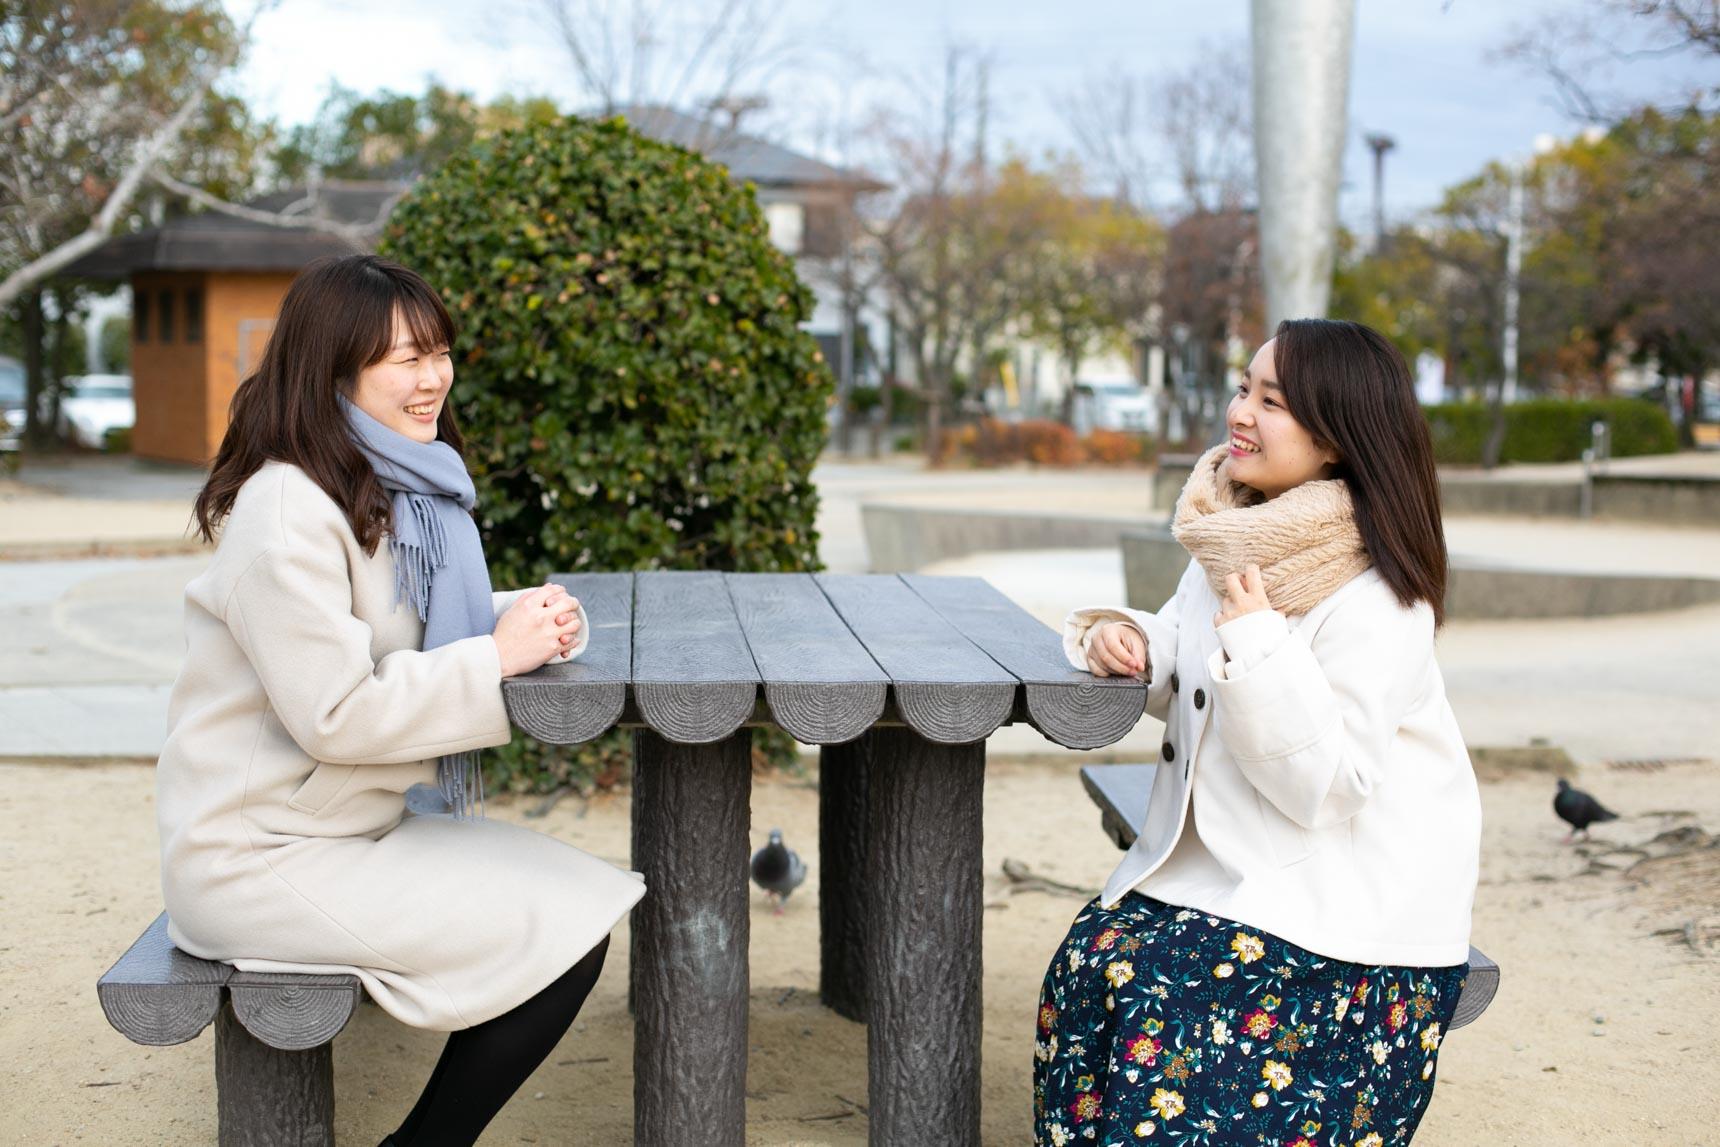 お話を聞かせてくれたのは、昨年春から関西大学に通う美羽(みう)さん(写真右)と、カレッジハイツディグニティーを管理するナジック学生情報センターの三浦さん(写真左)。